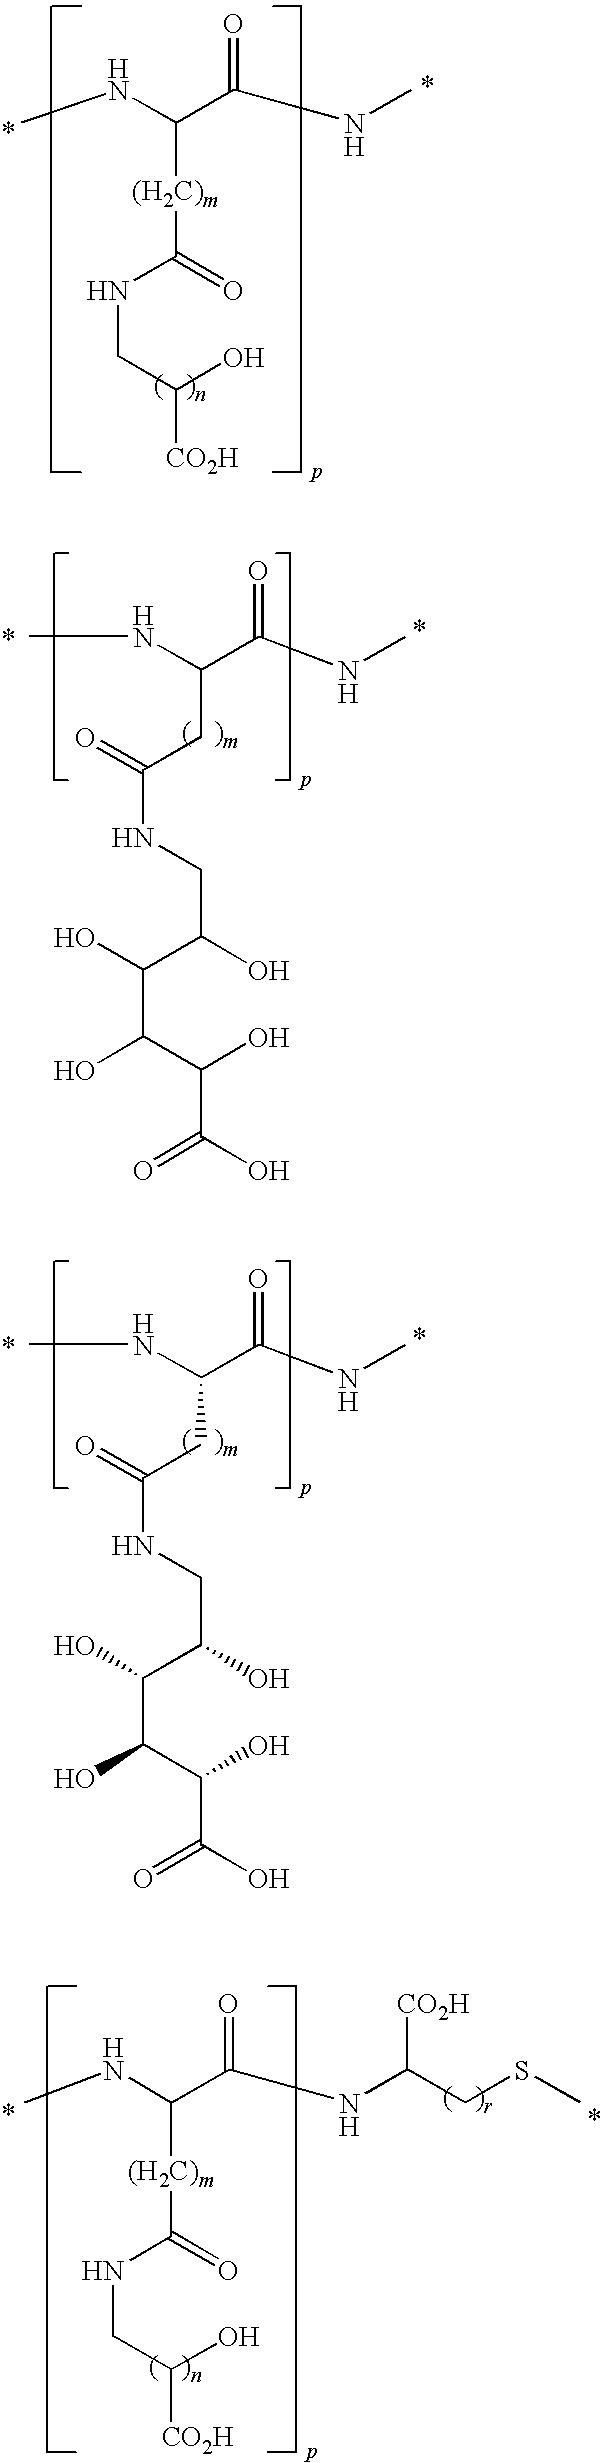 Figure US09138484-20150922-C00017